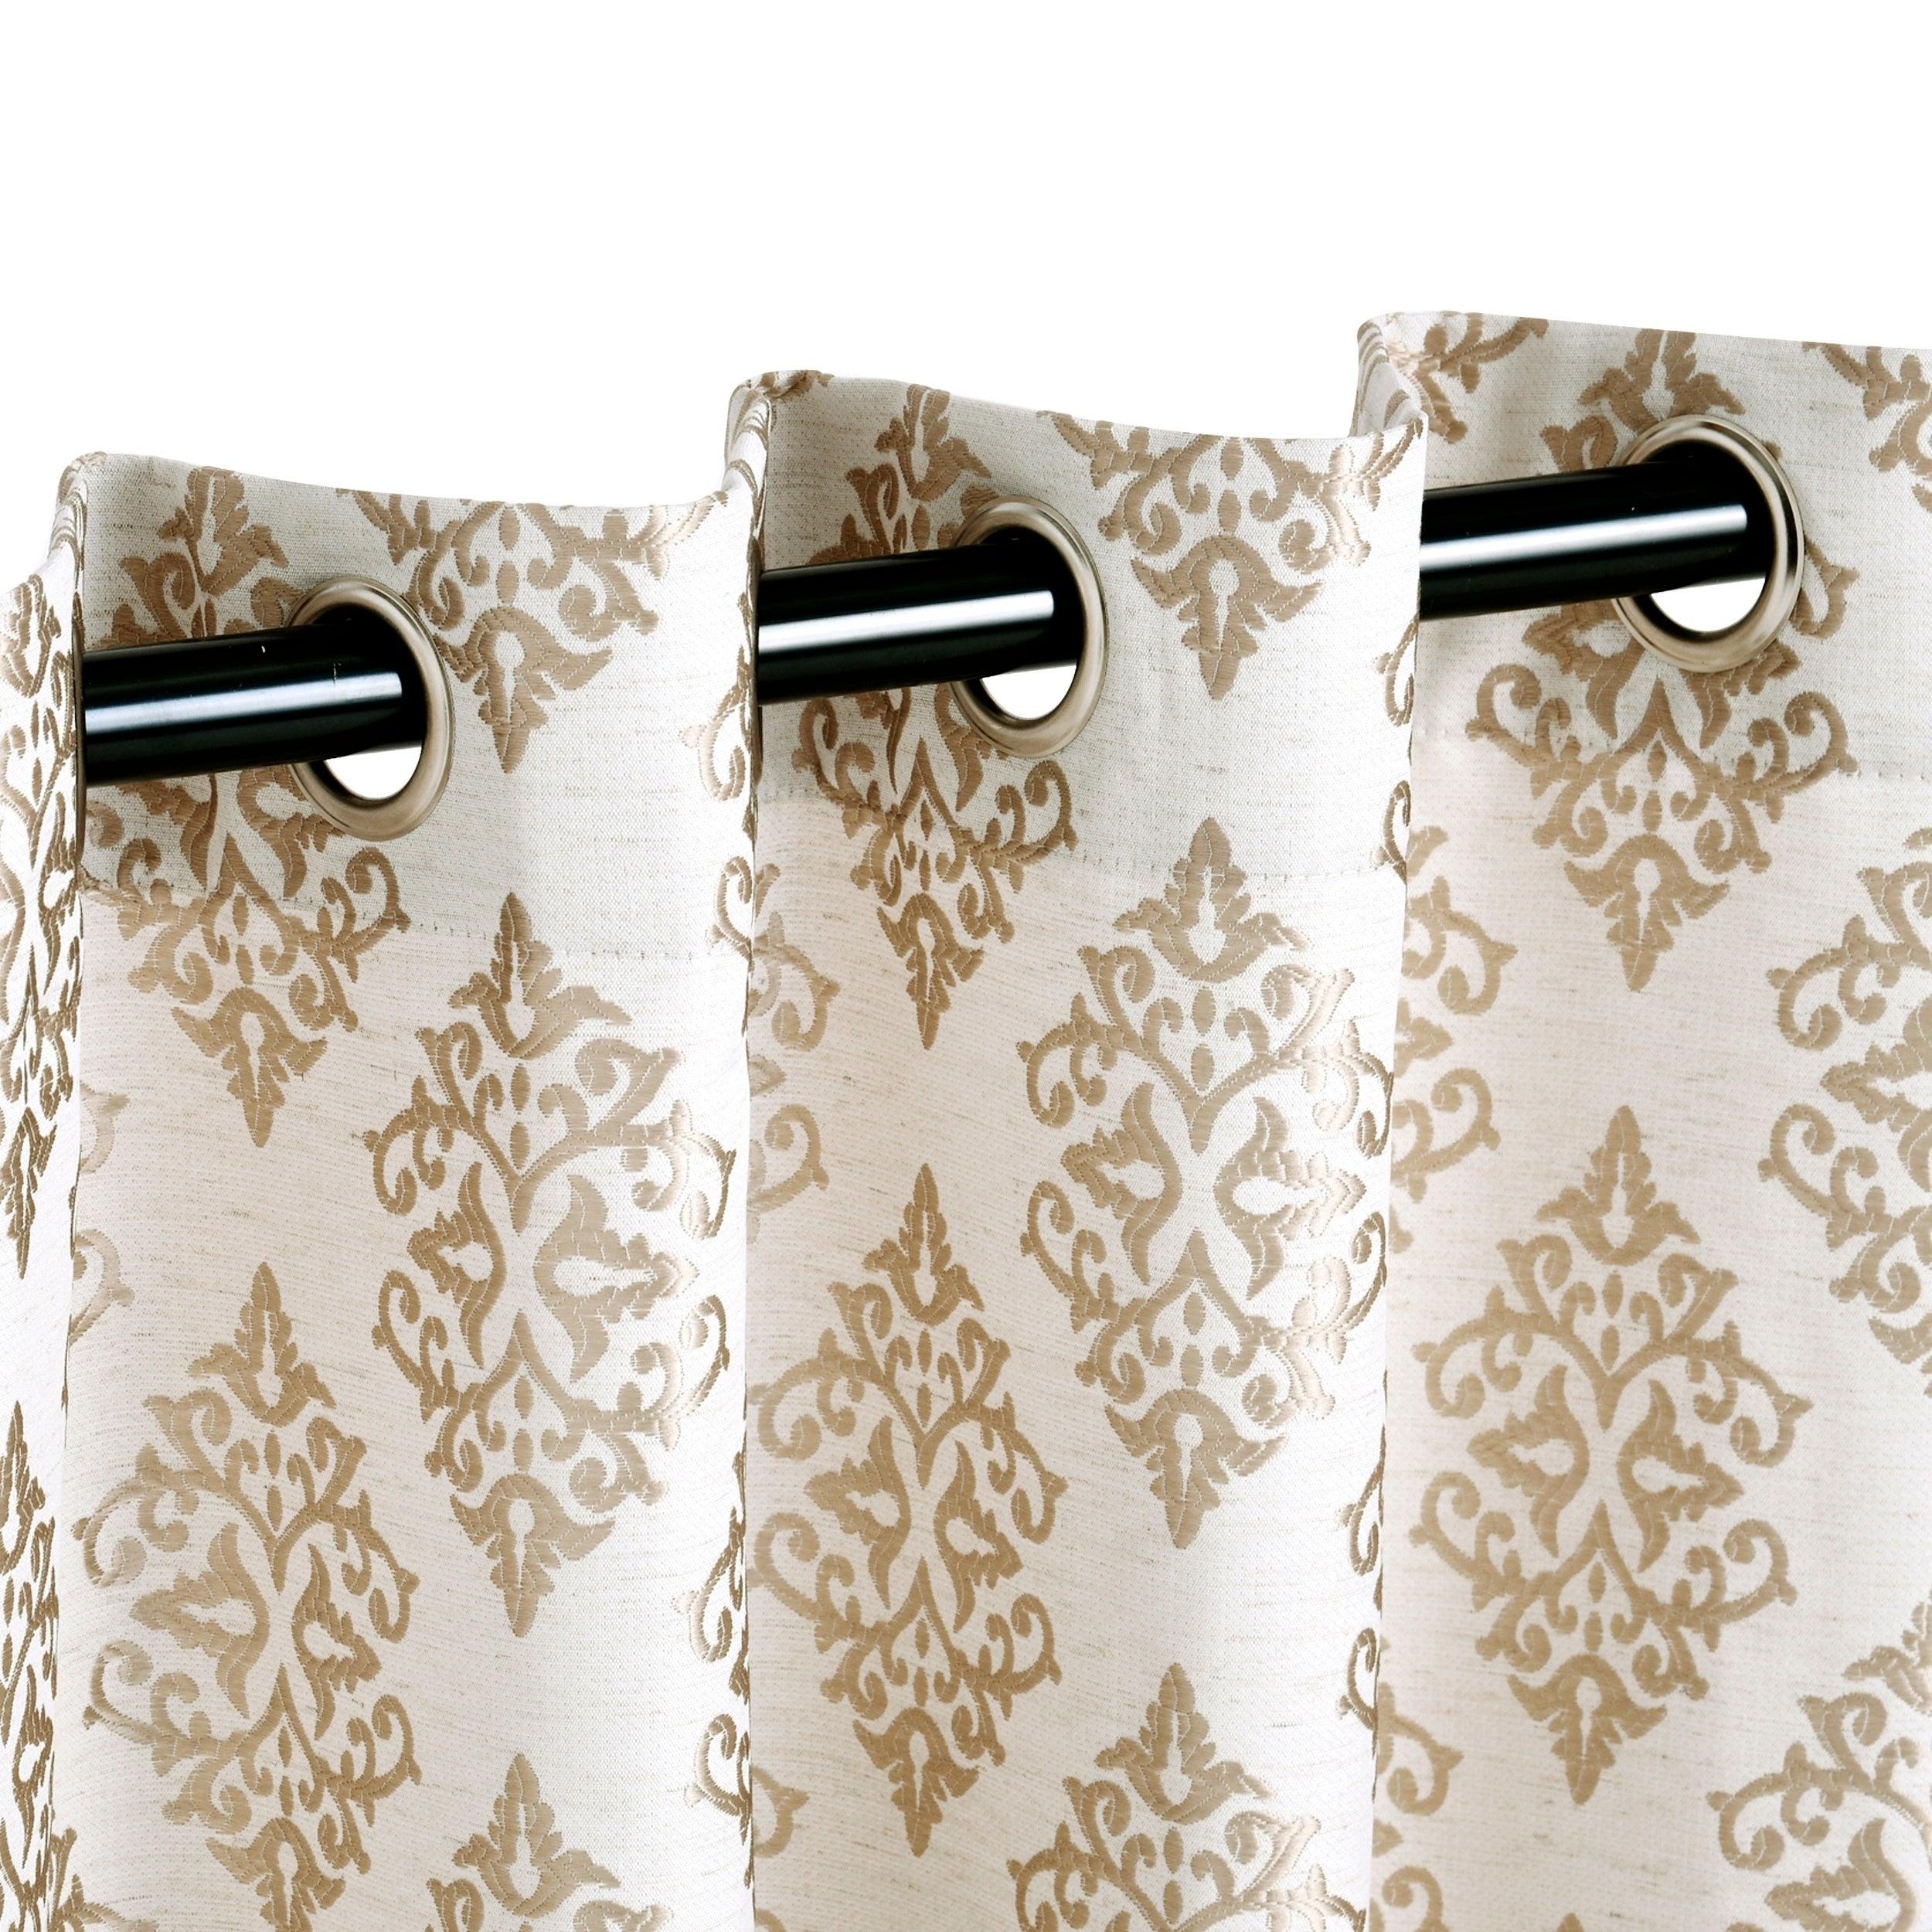 Miranda Haus Labrea Damask Jacquard Grommet Curtain Panel (set Of 2) Throughout Miranda Haus Labrea Damask Jacquard Grommet Curtain Panels (View 3 of 20)